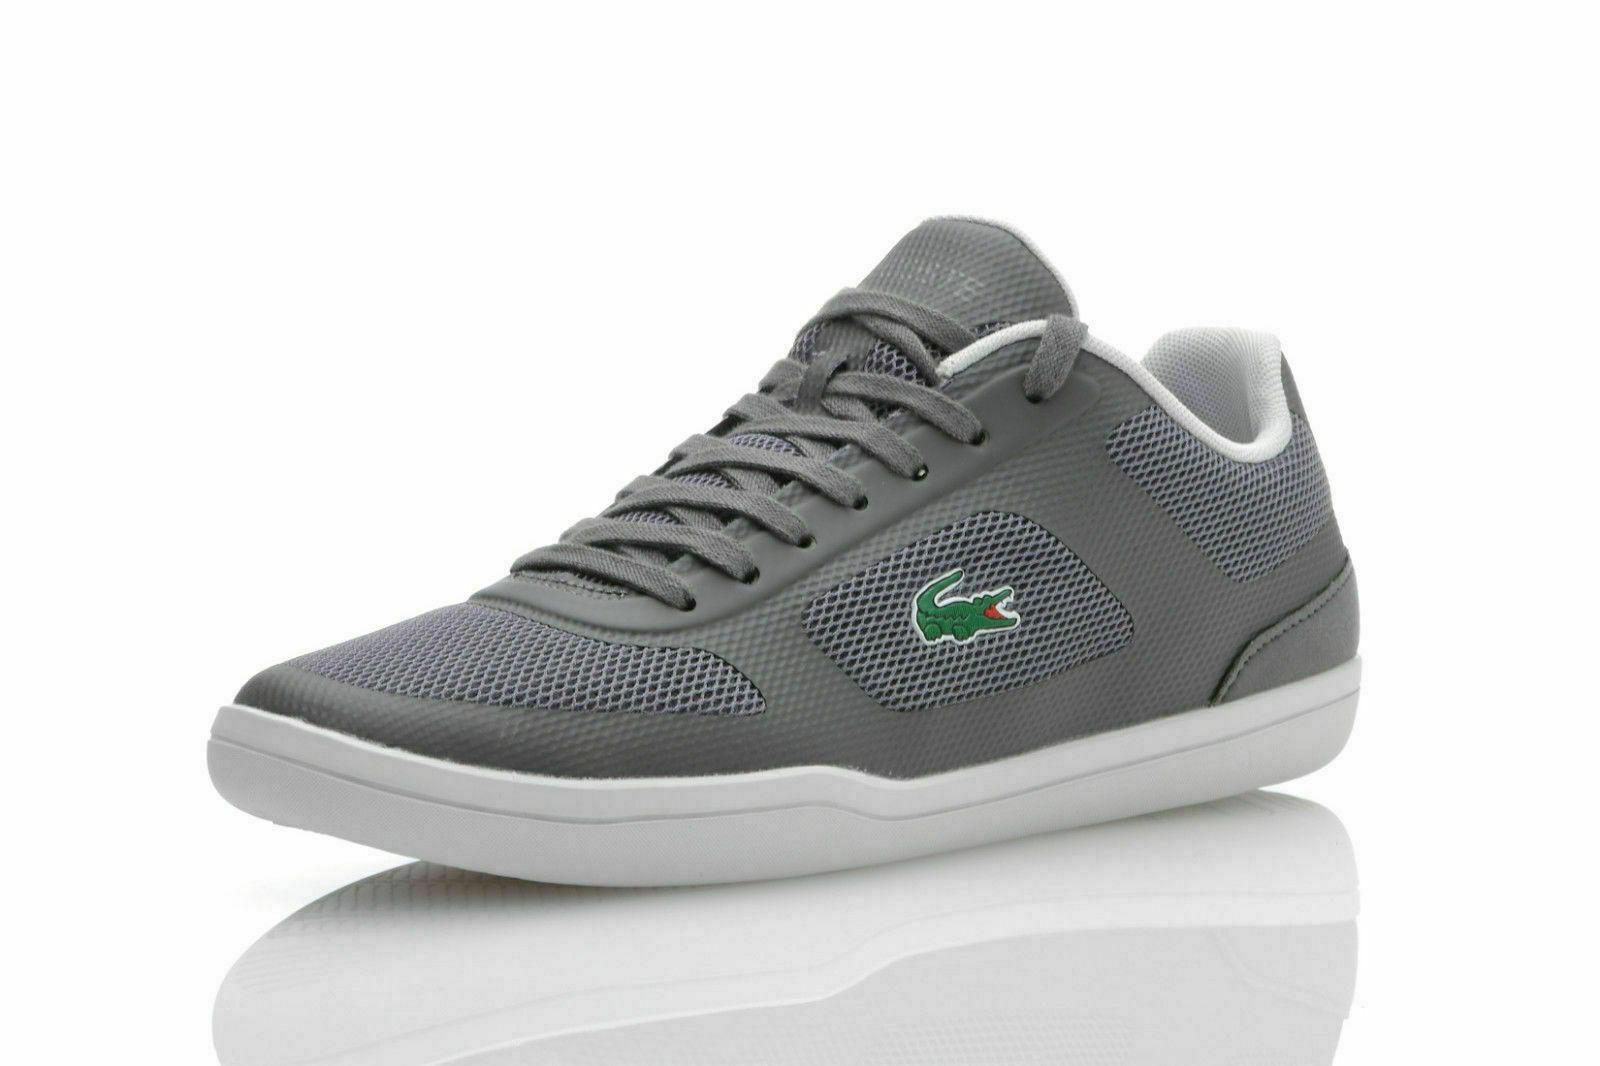 best sneakers 58bd8 dfd6c LACOSTE COURT MININMAL SPORT Herren Sneaker Schuhe Halbschuhe grau